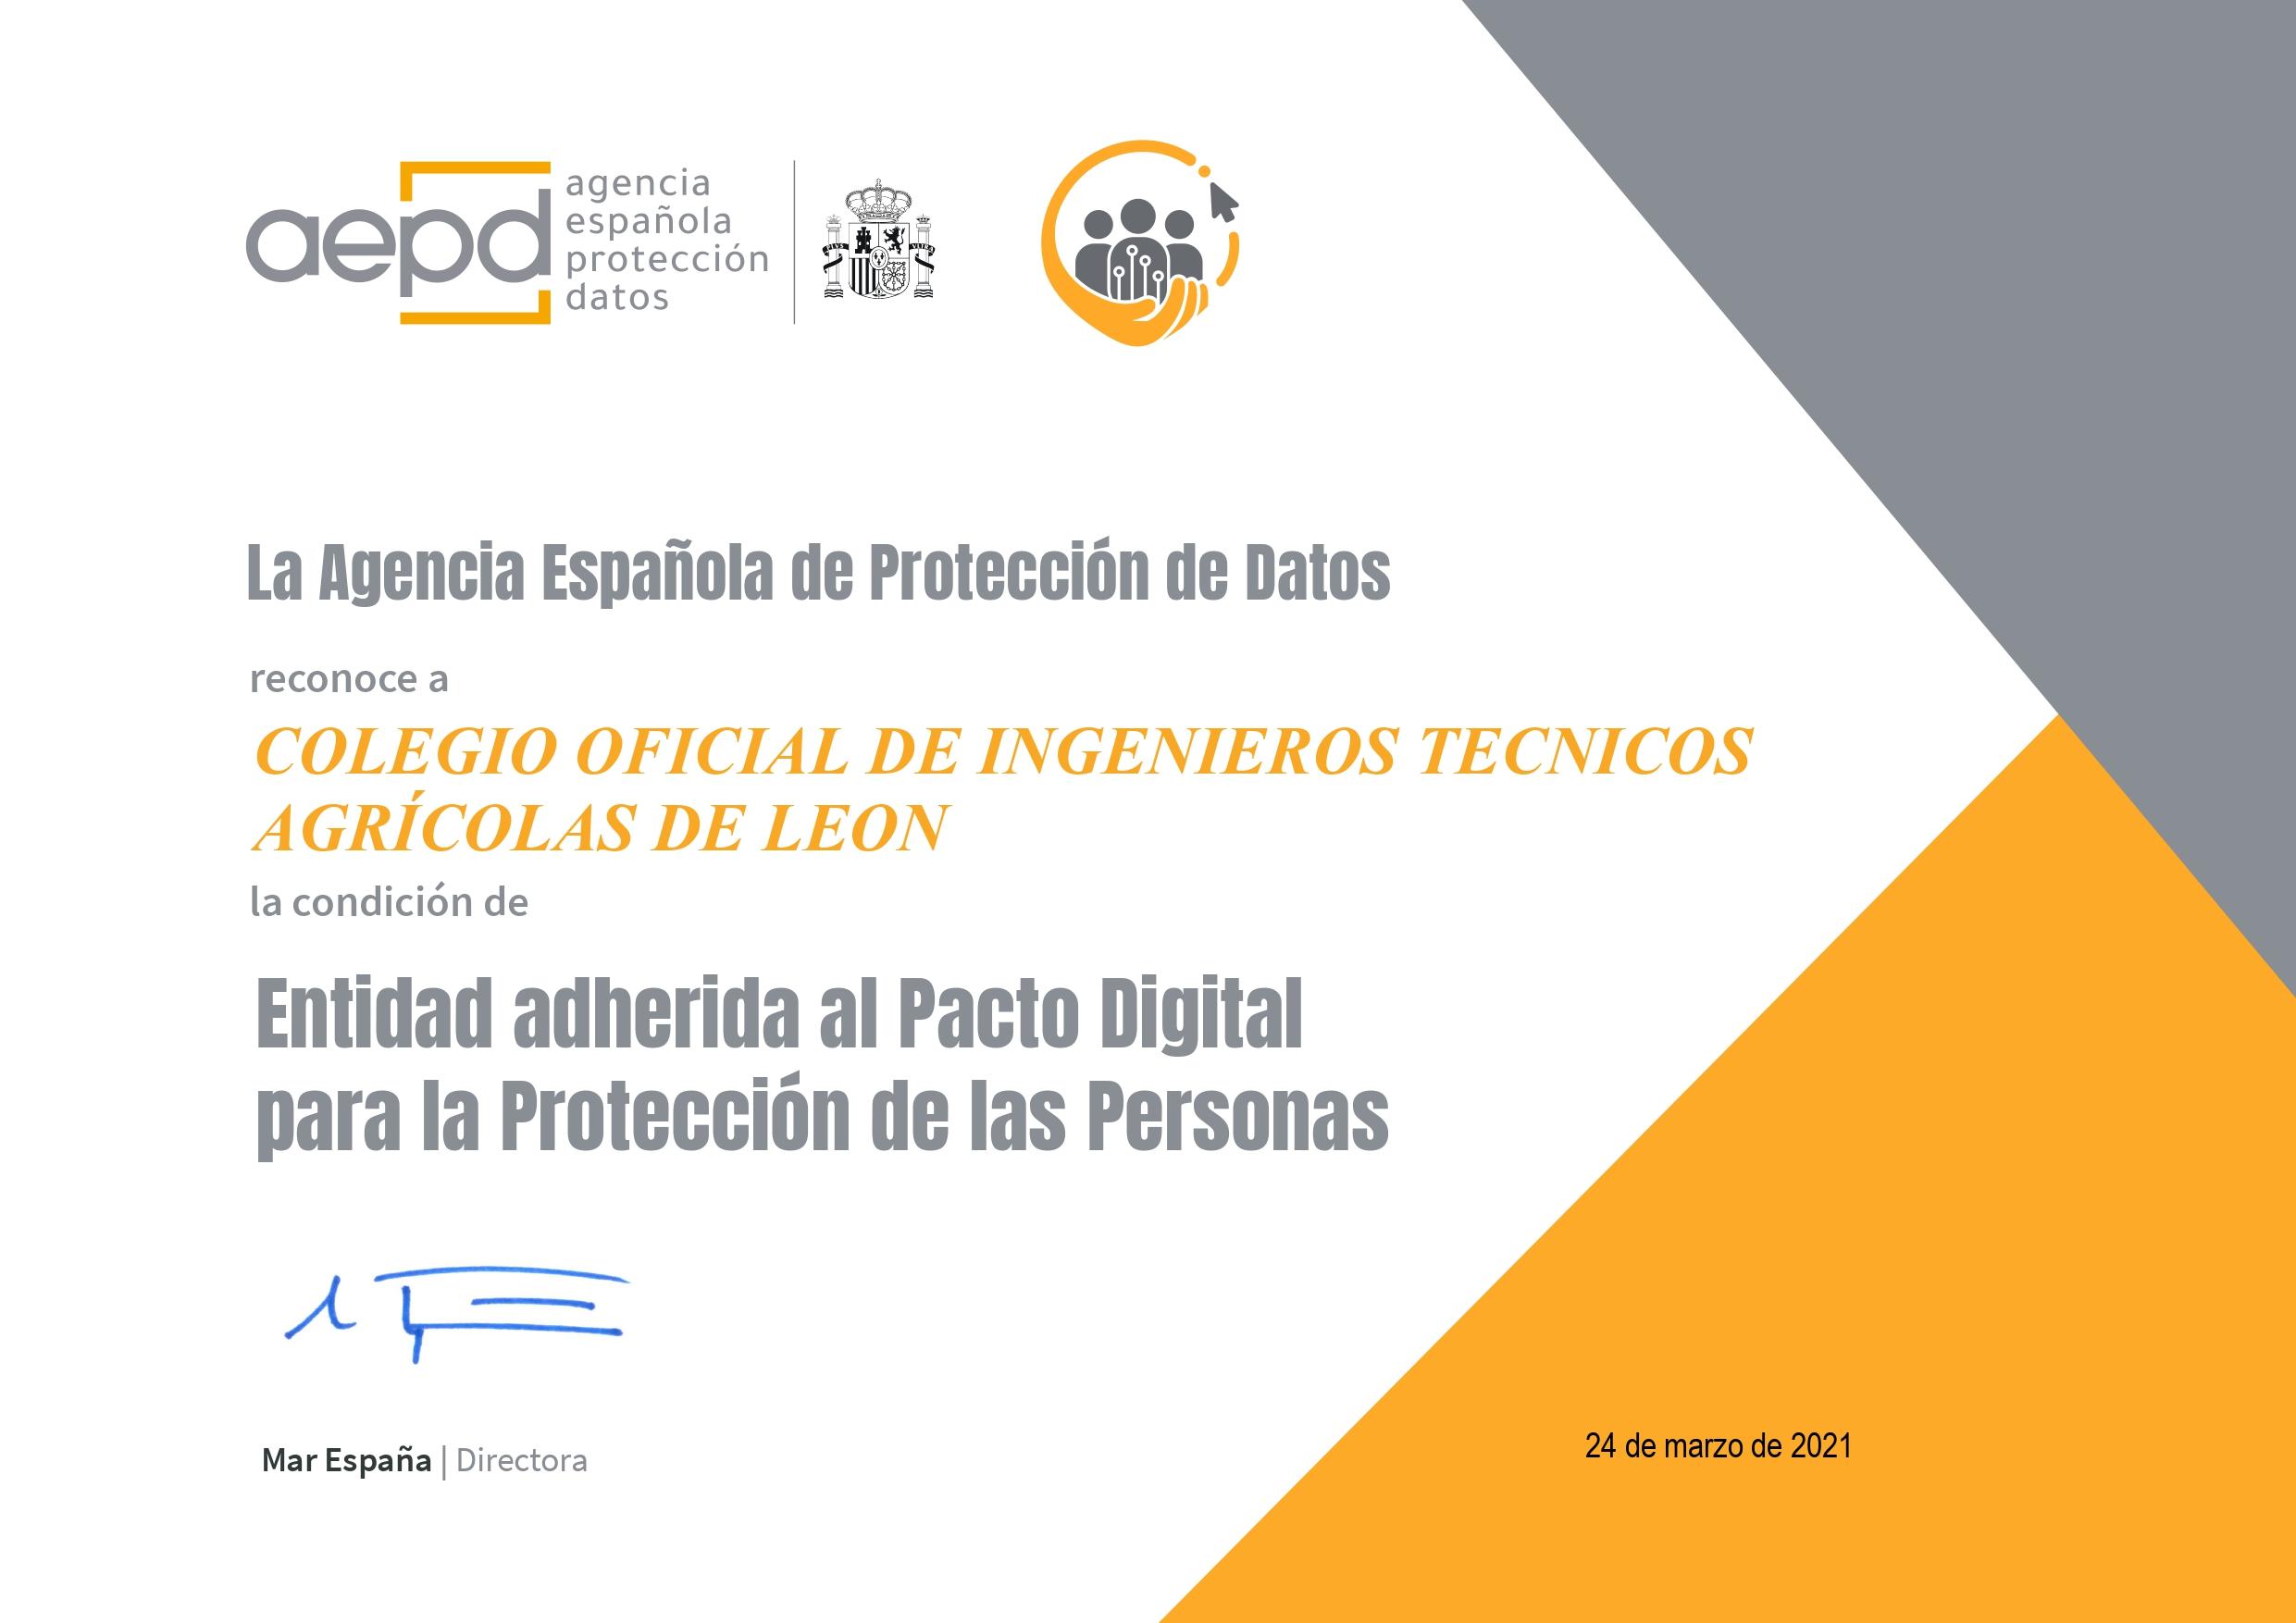 Certificado que indica que el colegio está adherido al pacto digital para la protección de las personas